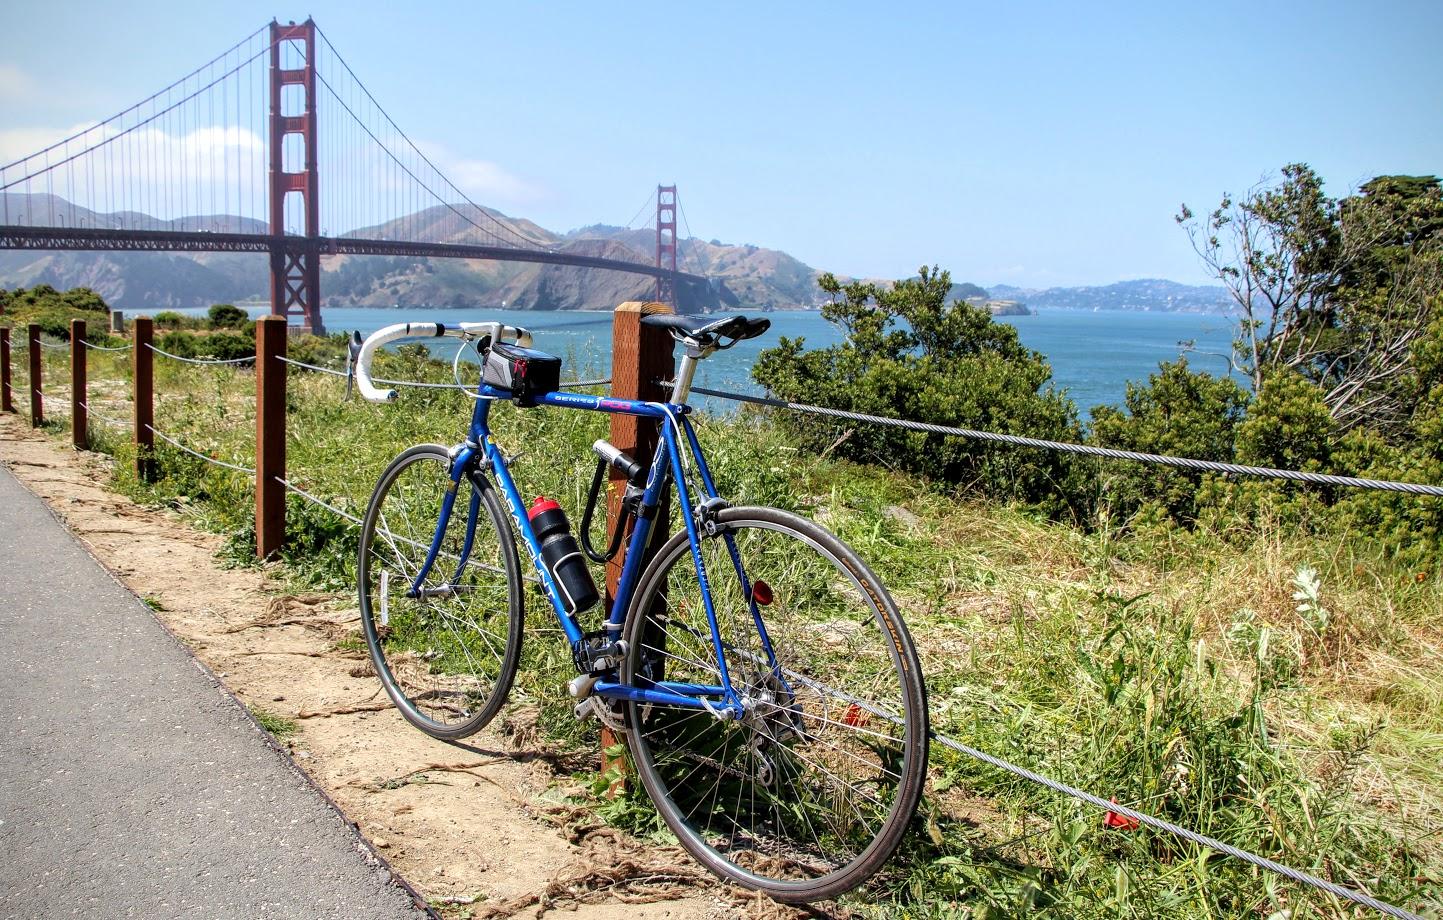 Golden Gate Bridge Tour An Unforgettable Bike Ride In San